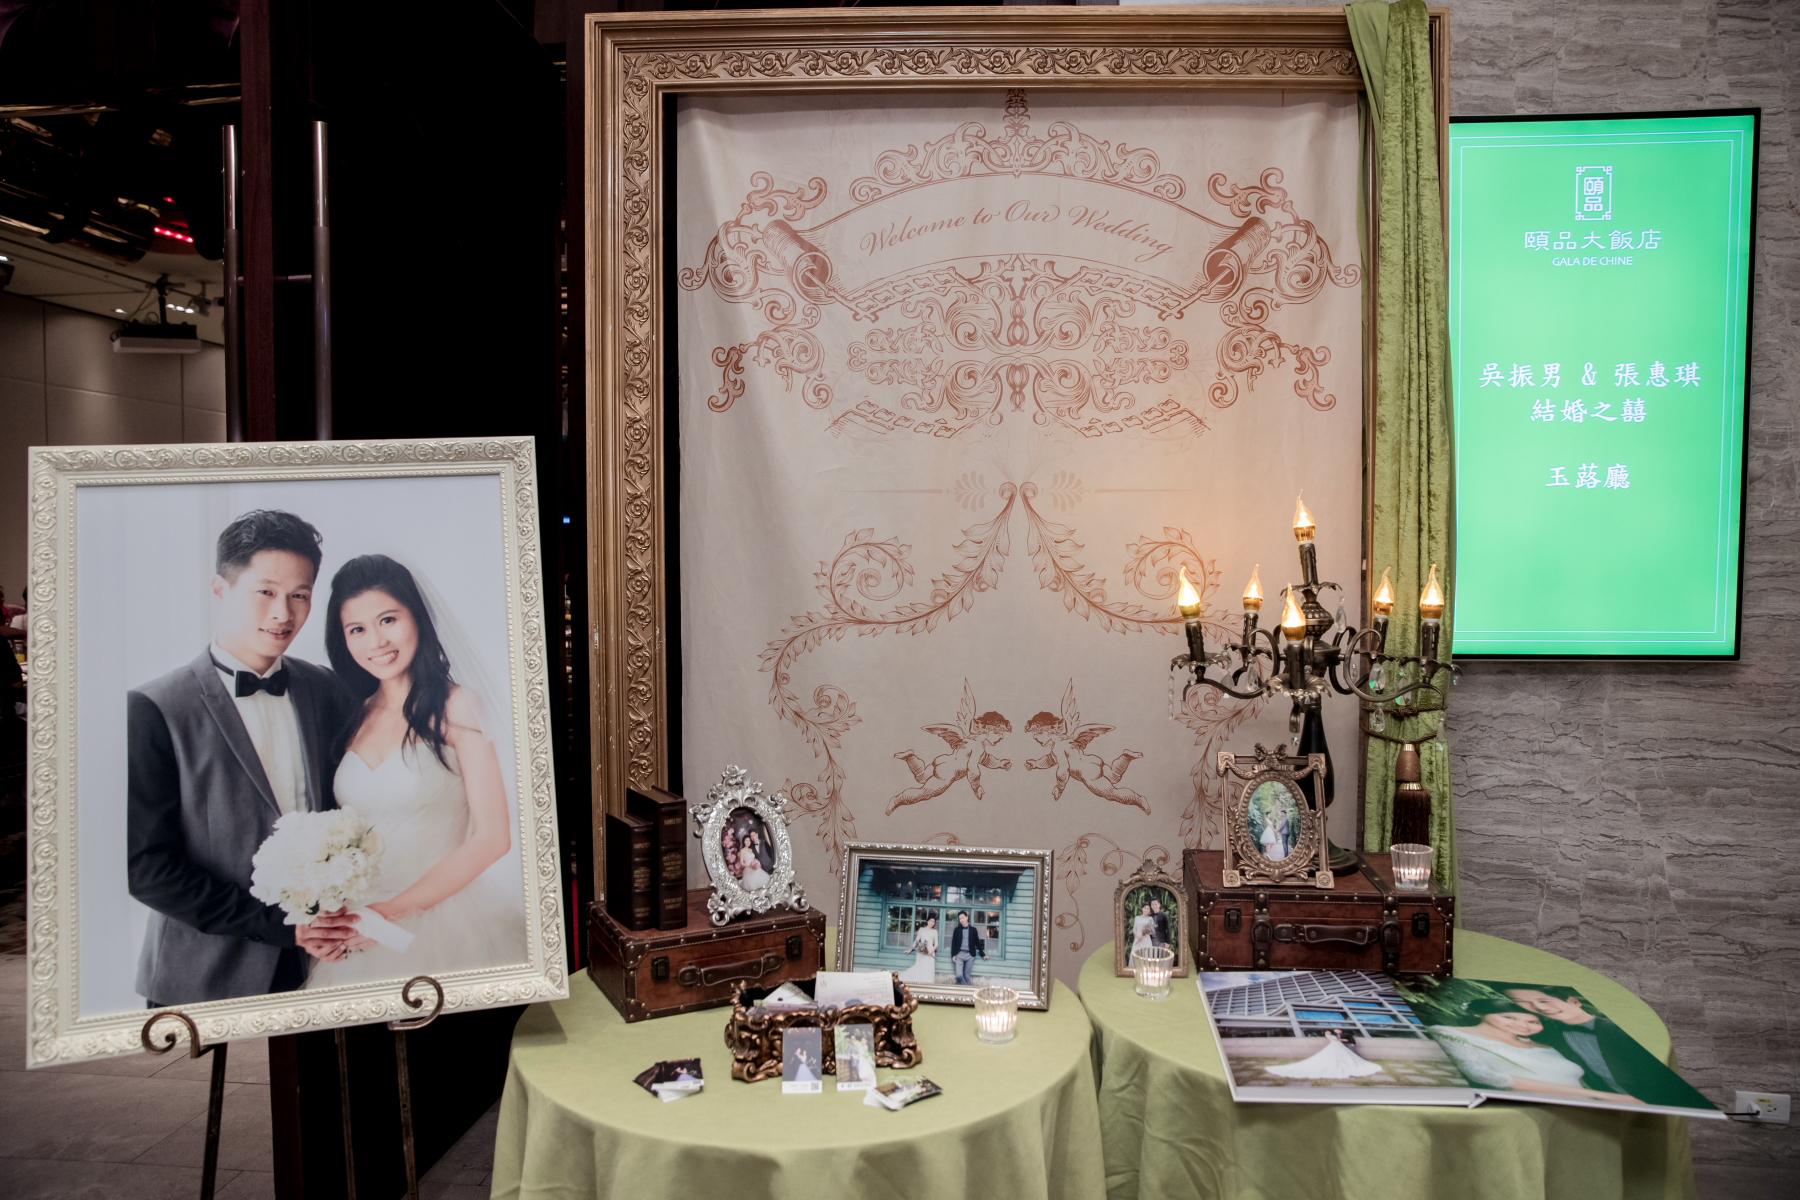 新莊頤品 婚攝 婚禮紀錄278